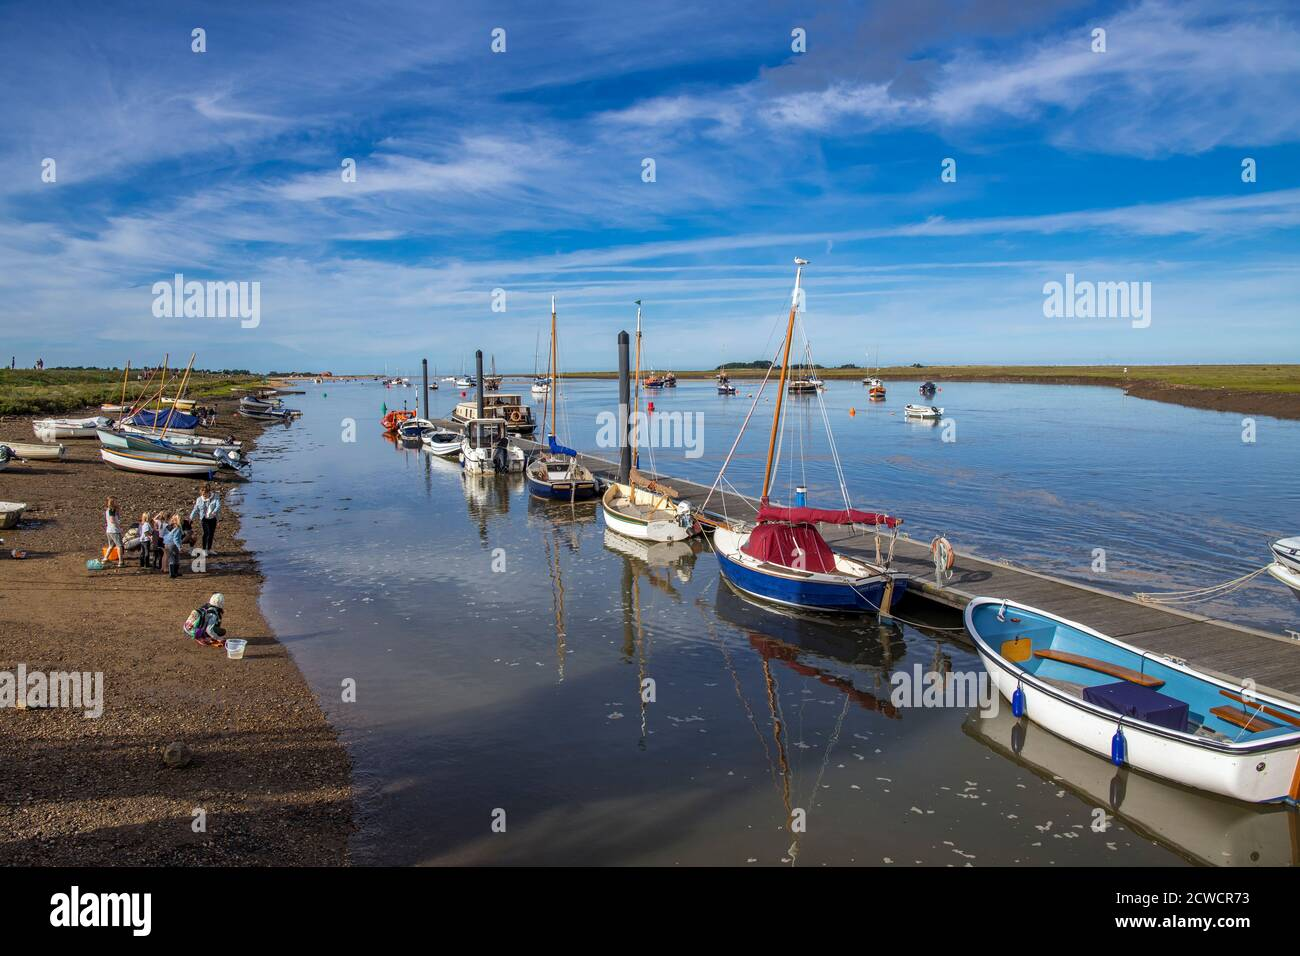 Bateaux amarrés estuaire Wells Suivant la mer Nord Norfolk Angleterre Banque D'Images